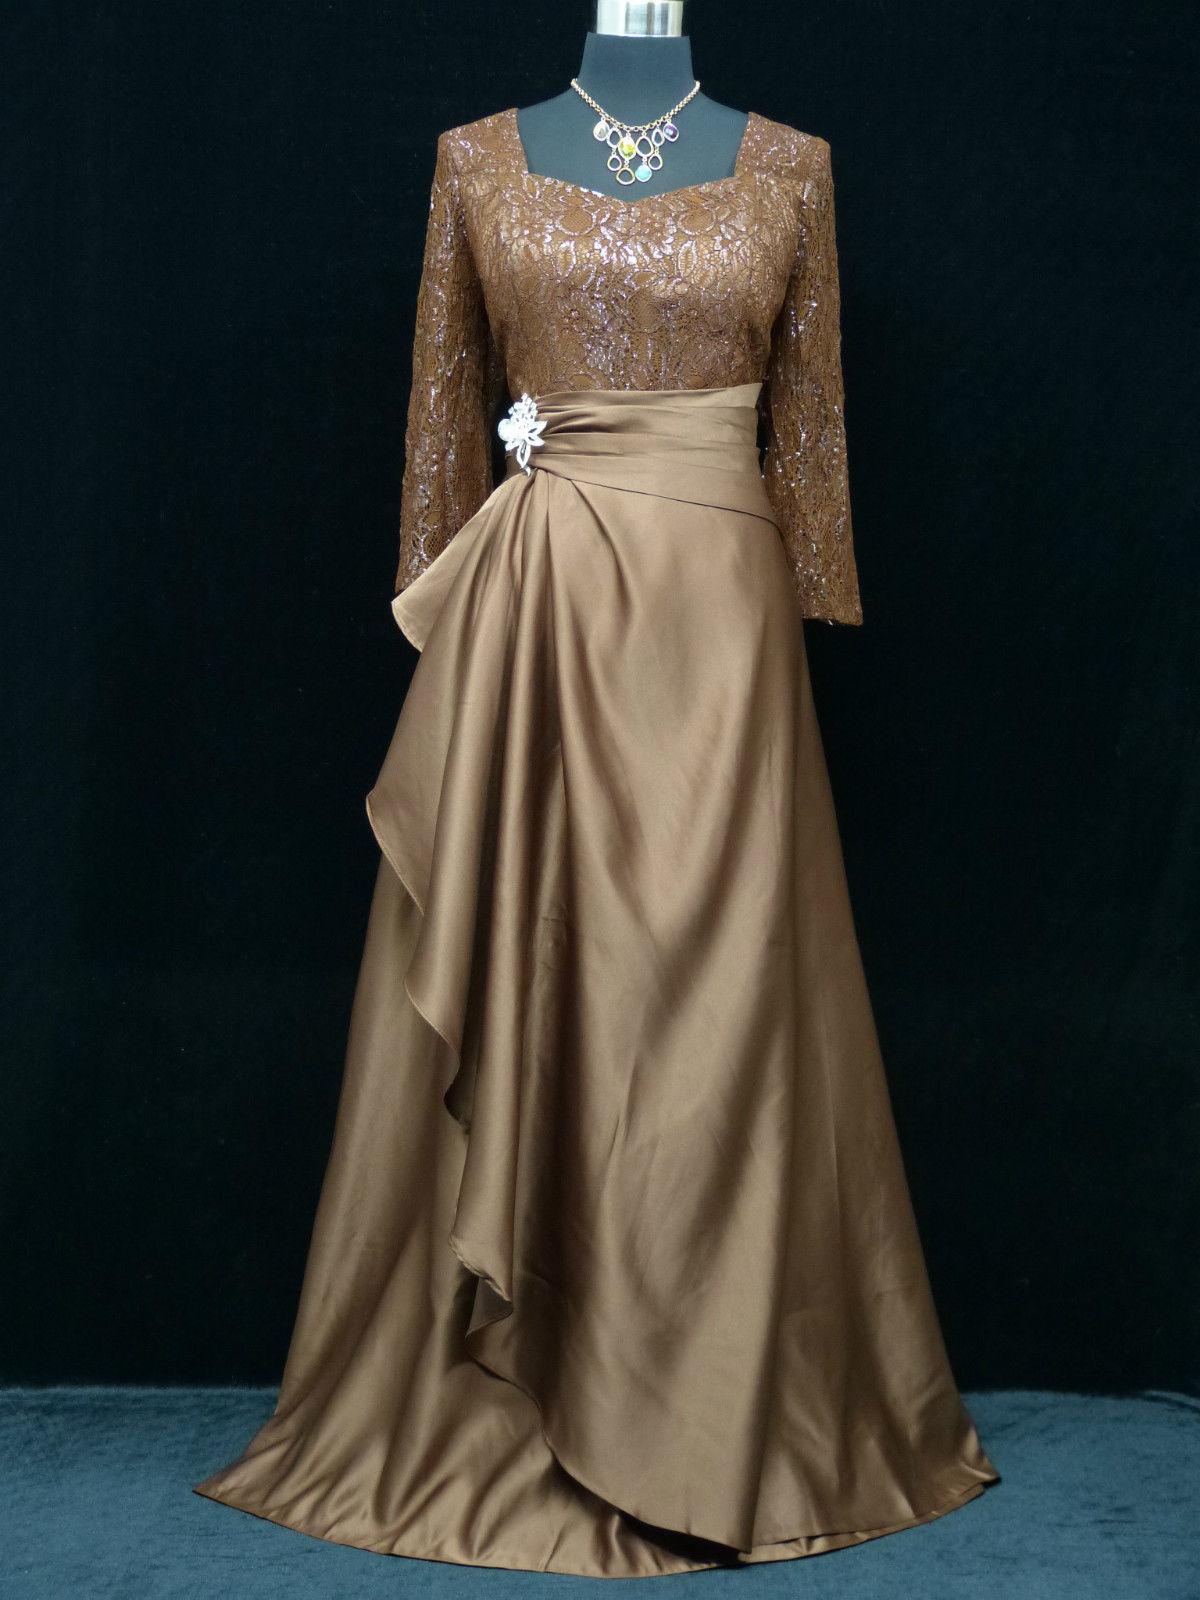 Hnědé plesové šaty s rukávem pro starší dámy 52-54  c1d8cc661c7